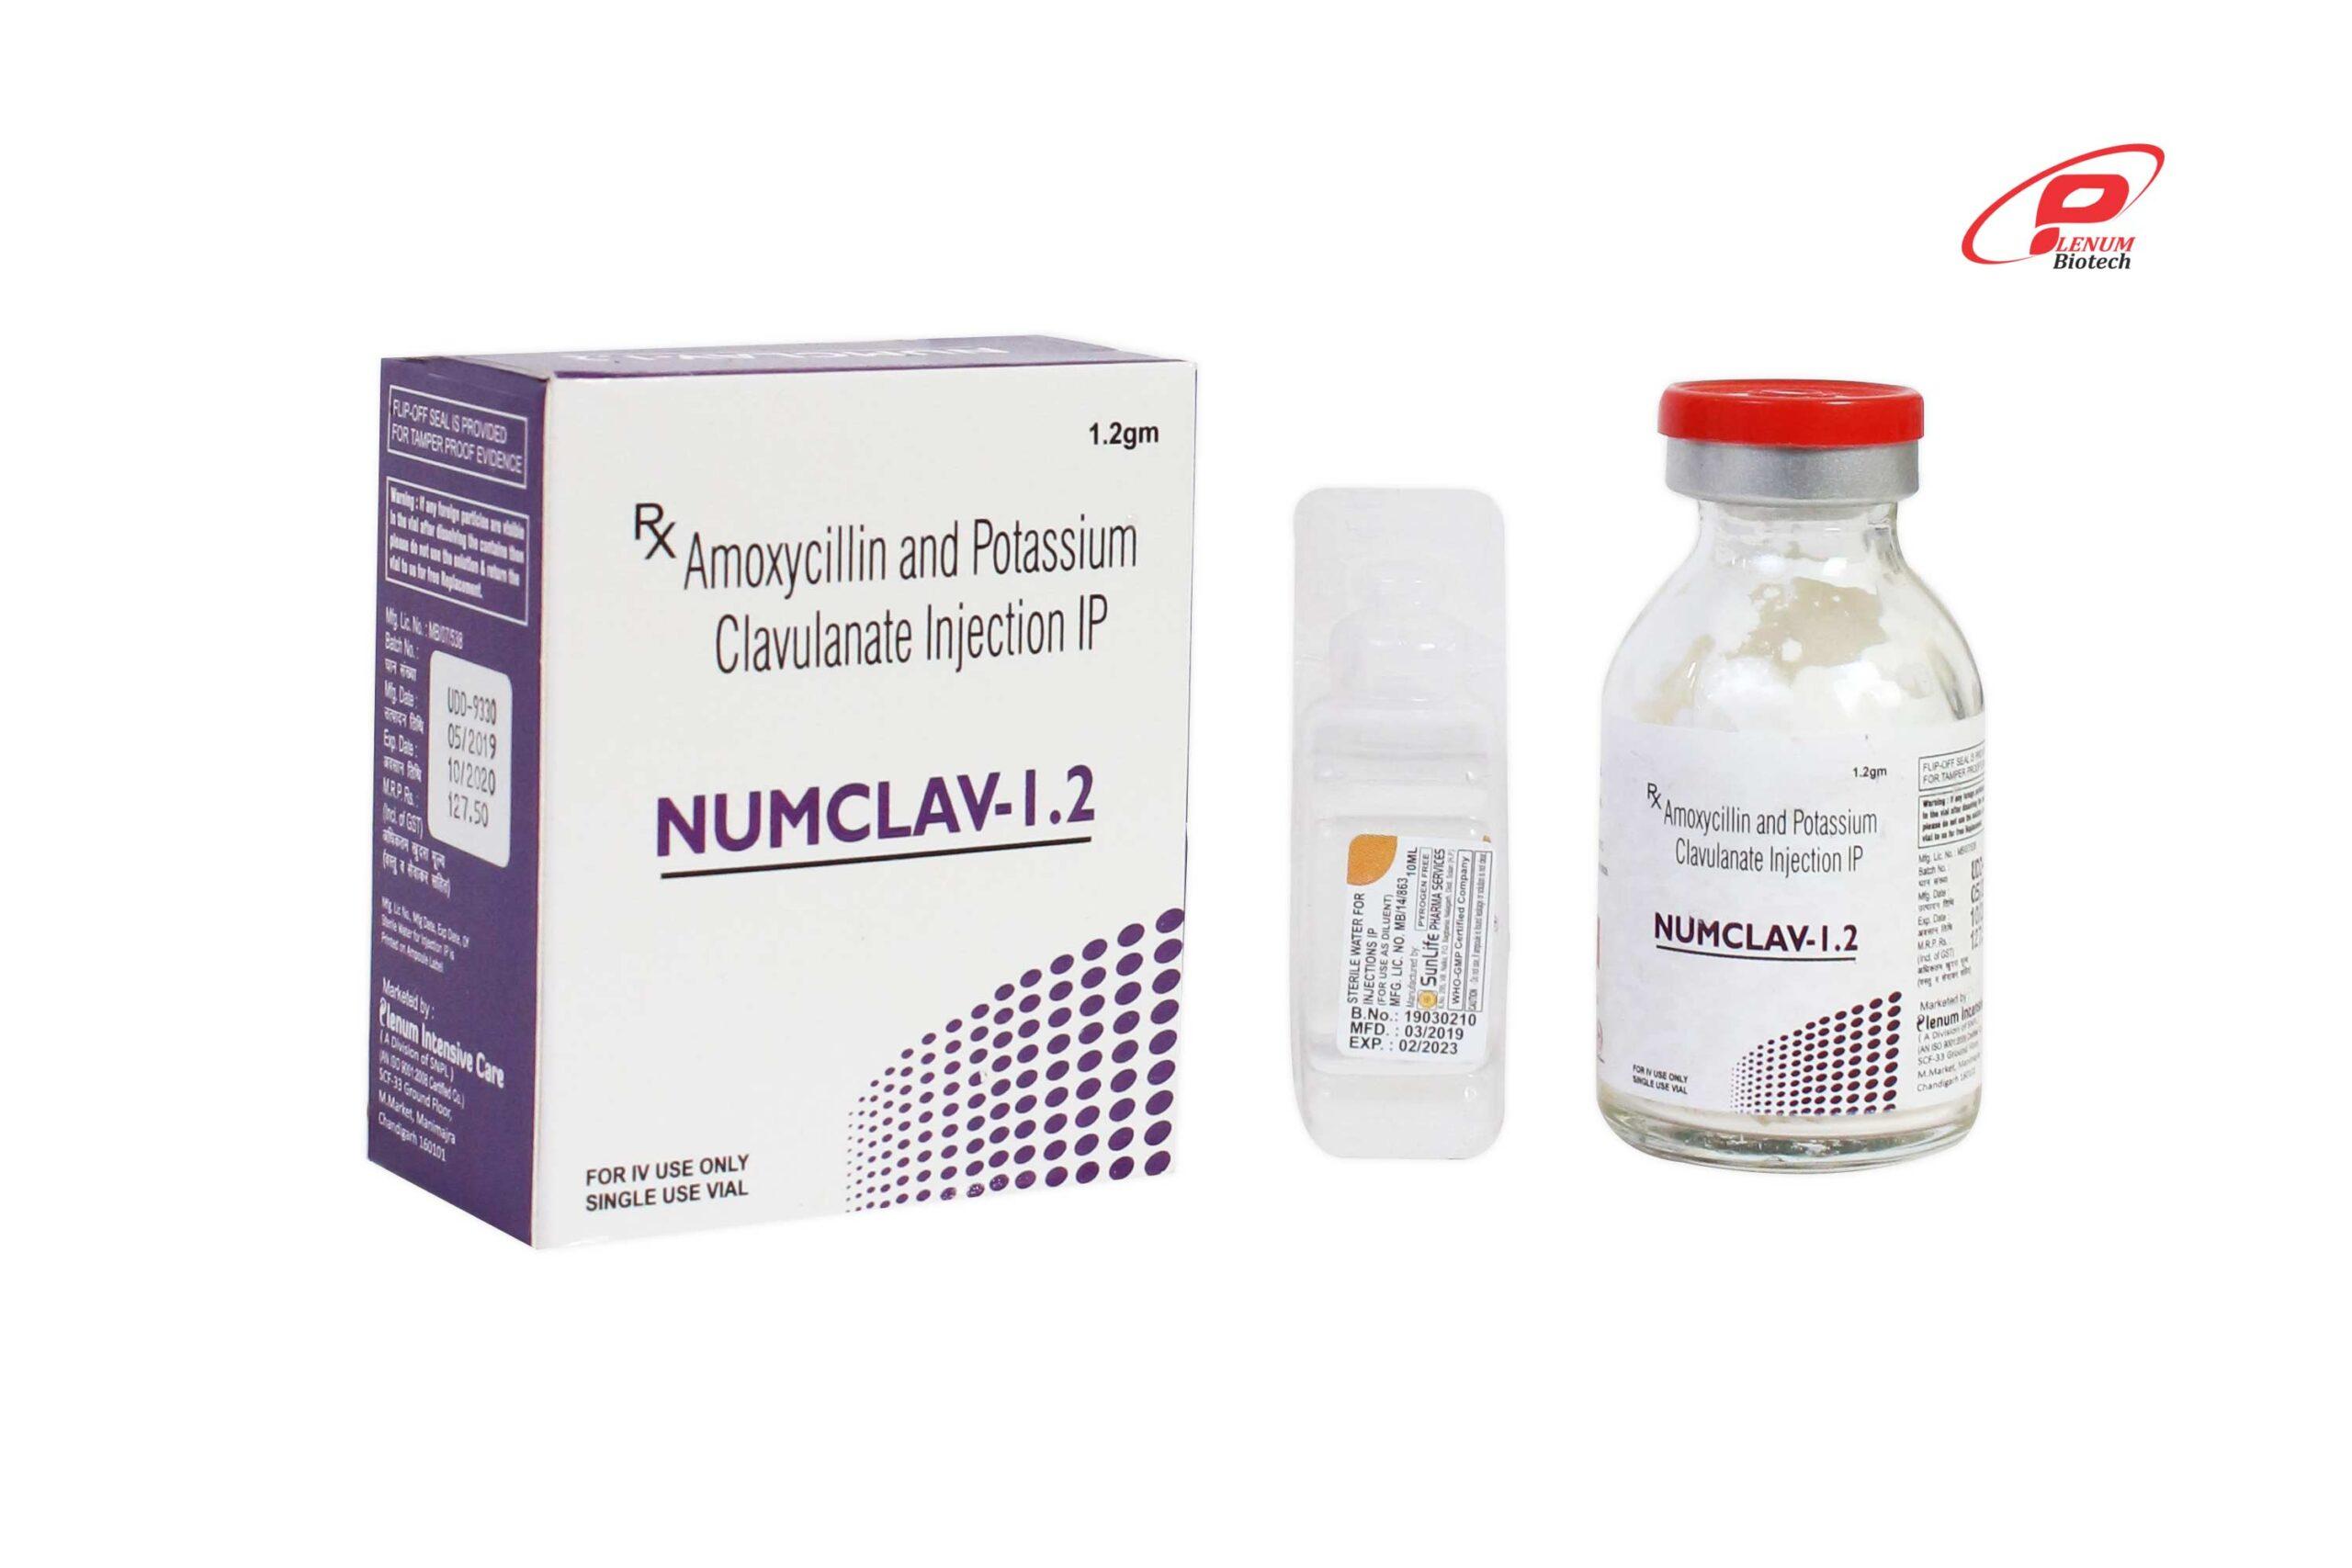 Numclav-I.2